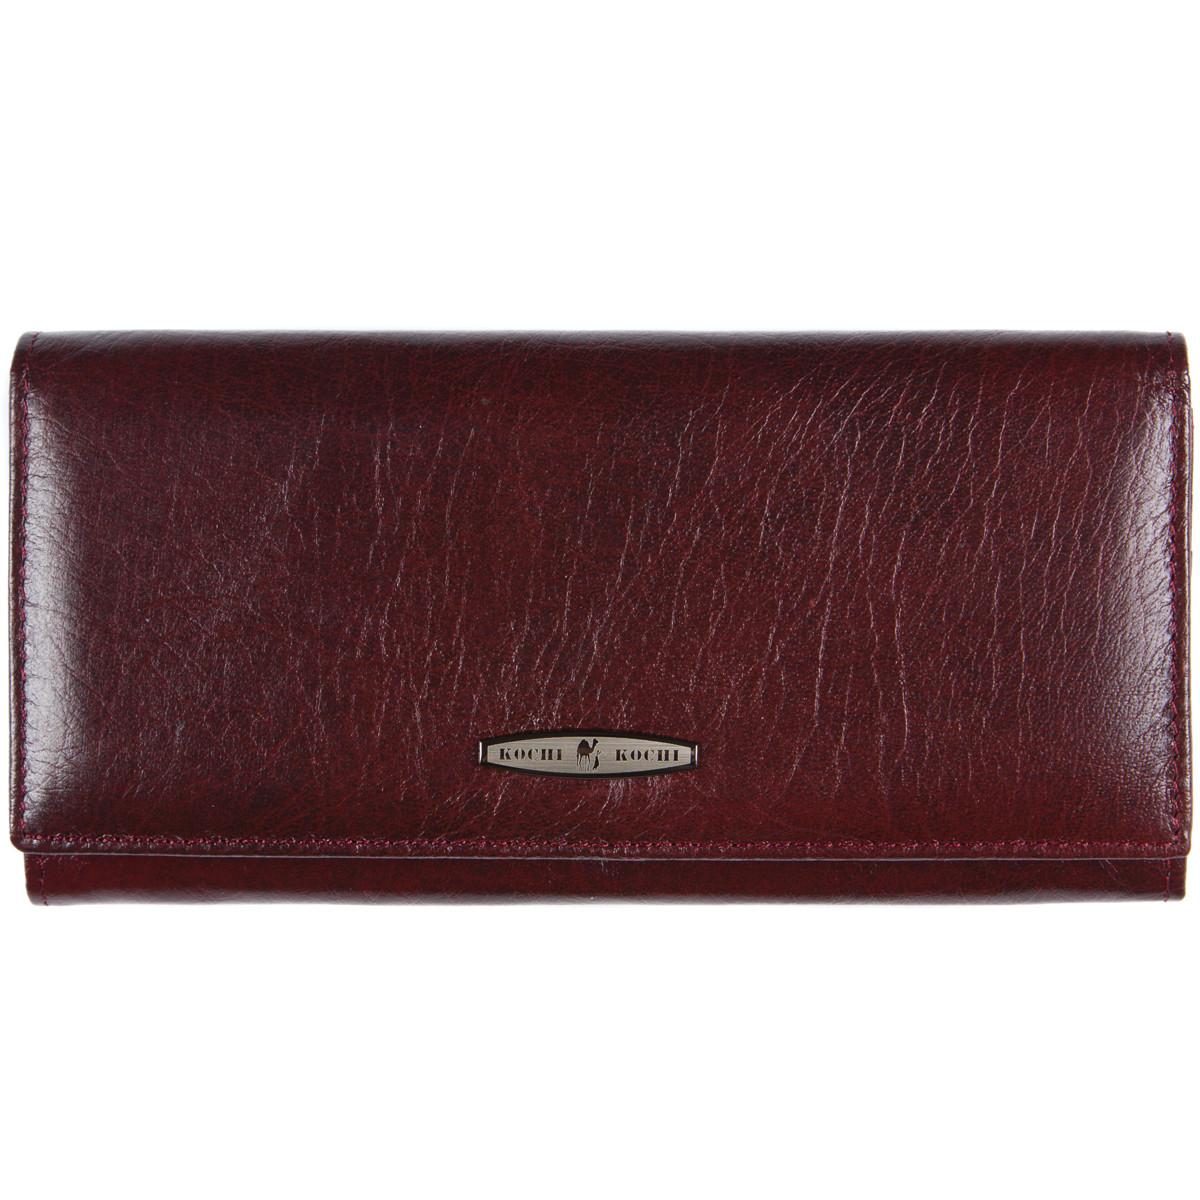 Женский кожаный кошелёк KOCHI застёжка кнопка 185х90х30 вишнёвый  м К-В124виш